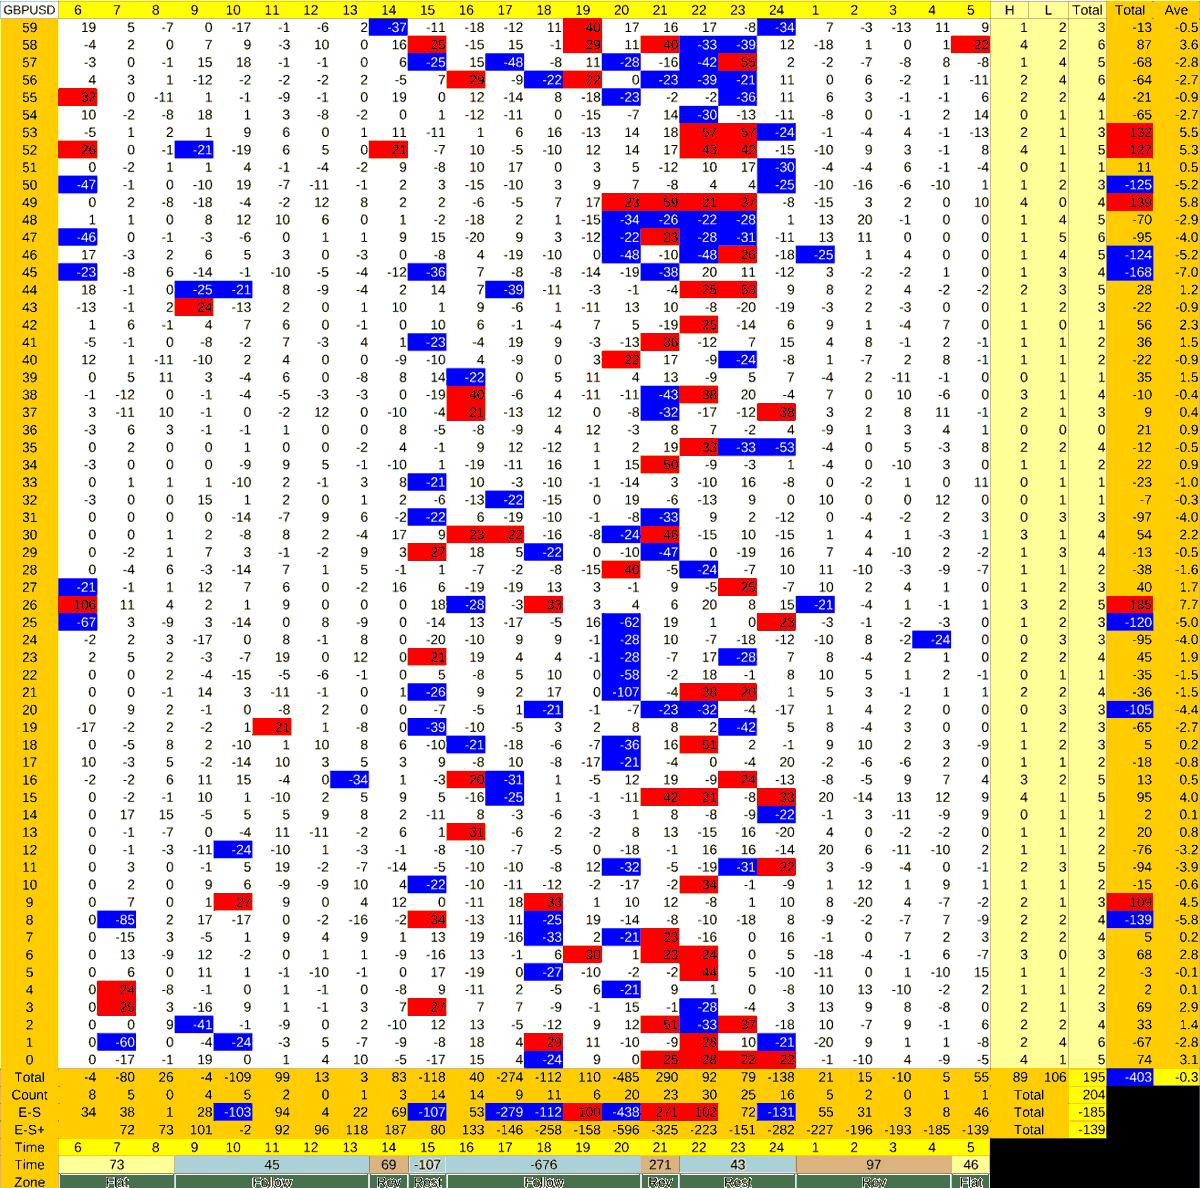 20210615_HS(2)GBPUSD